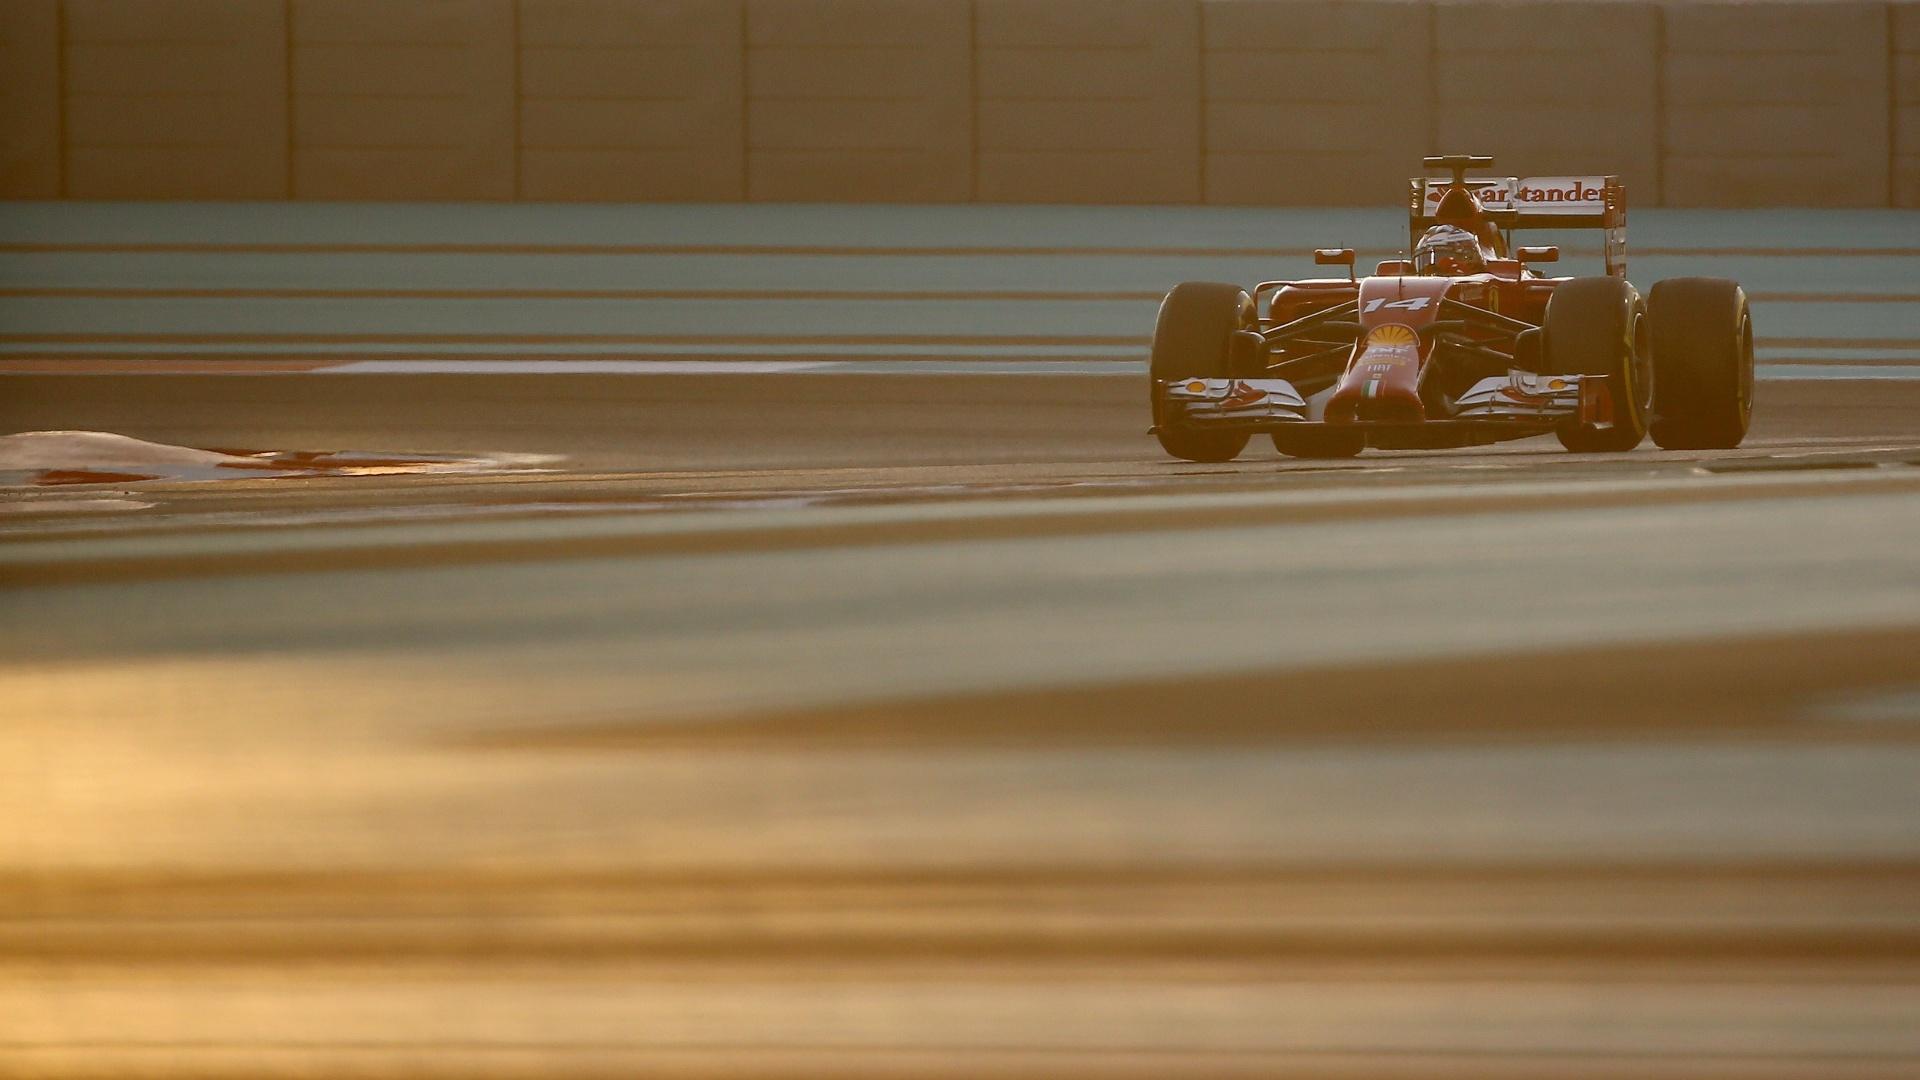 Fernando Alonso disputa o treino em meio ao pôr do sol nos Emirados Árabes. Ele sai em décimo, apenas, na sua despedida da Ferrari